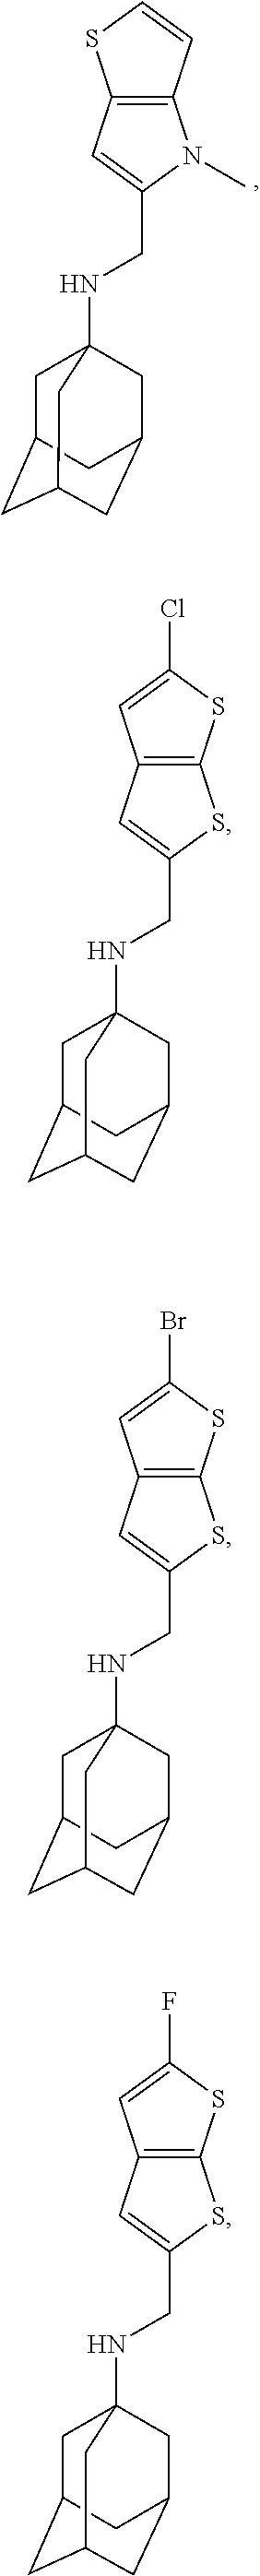 Figure US09884832-20180206-C00066